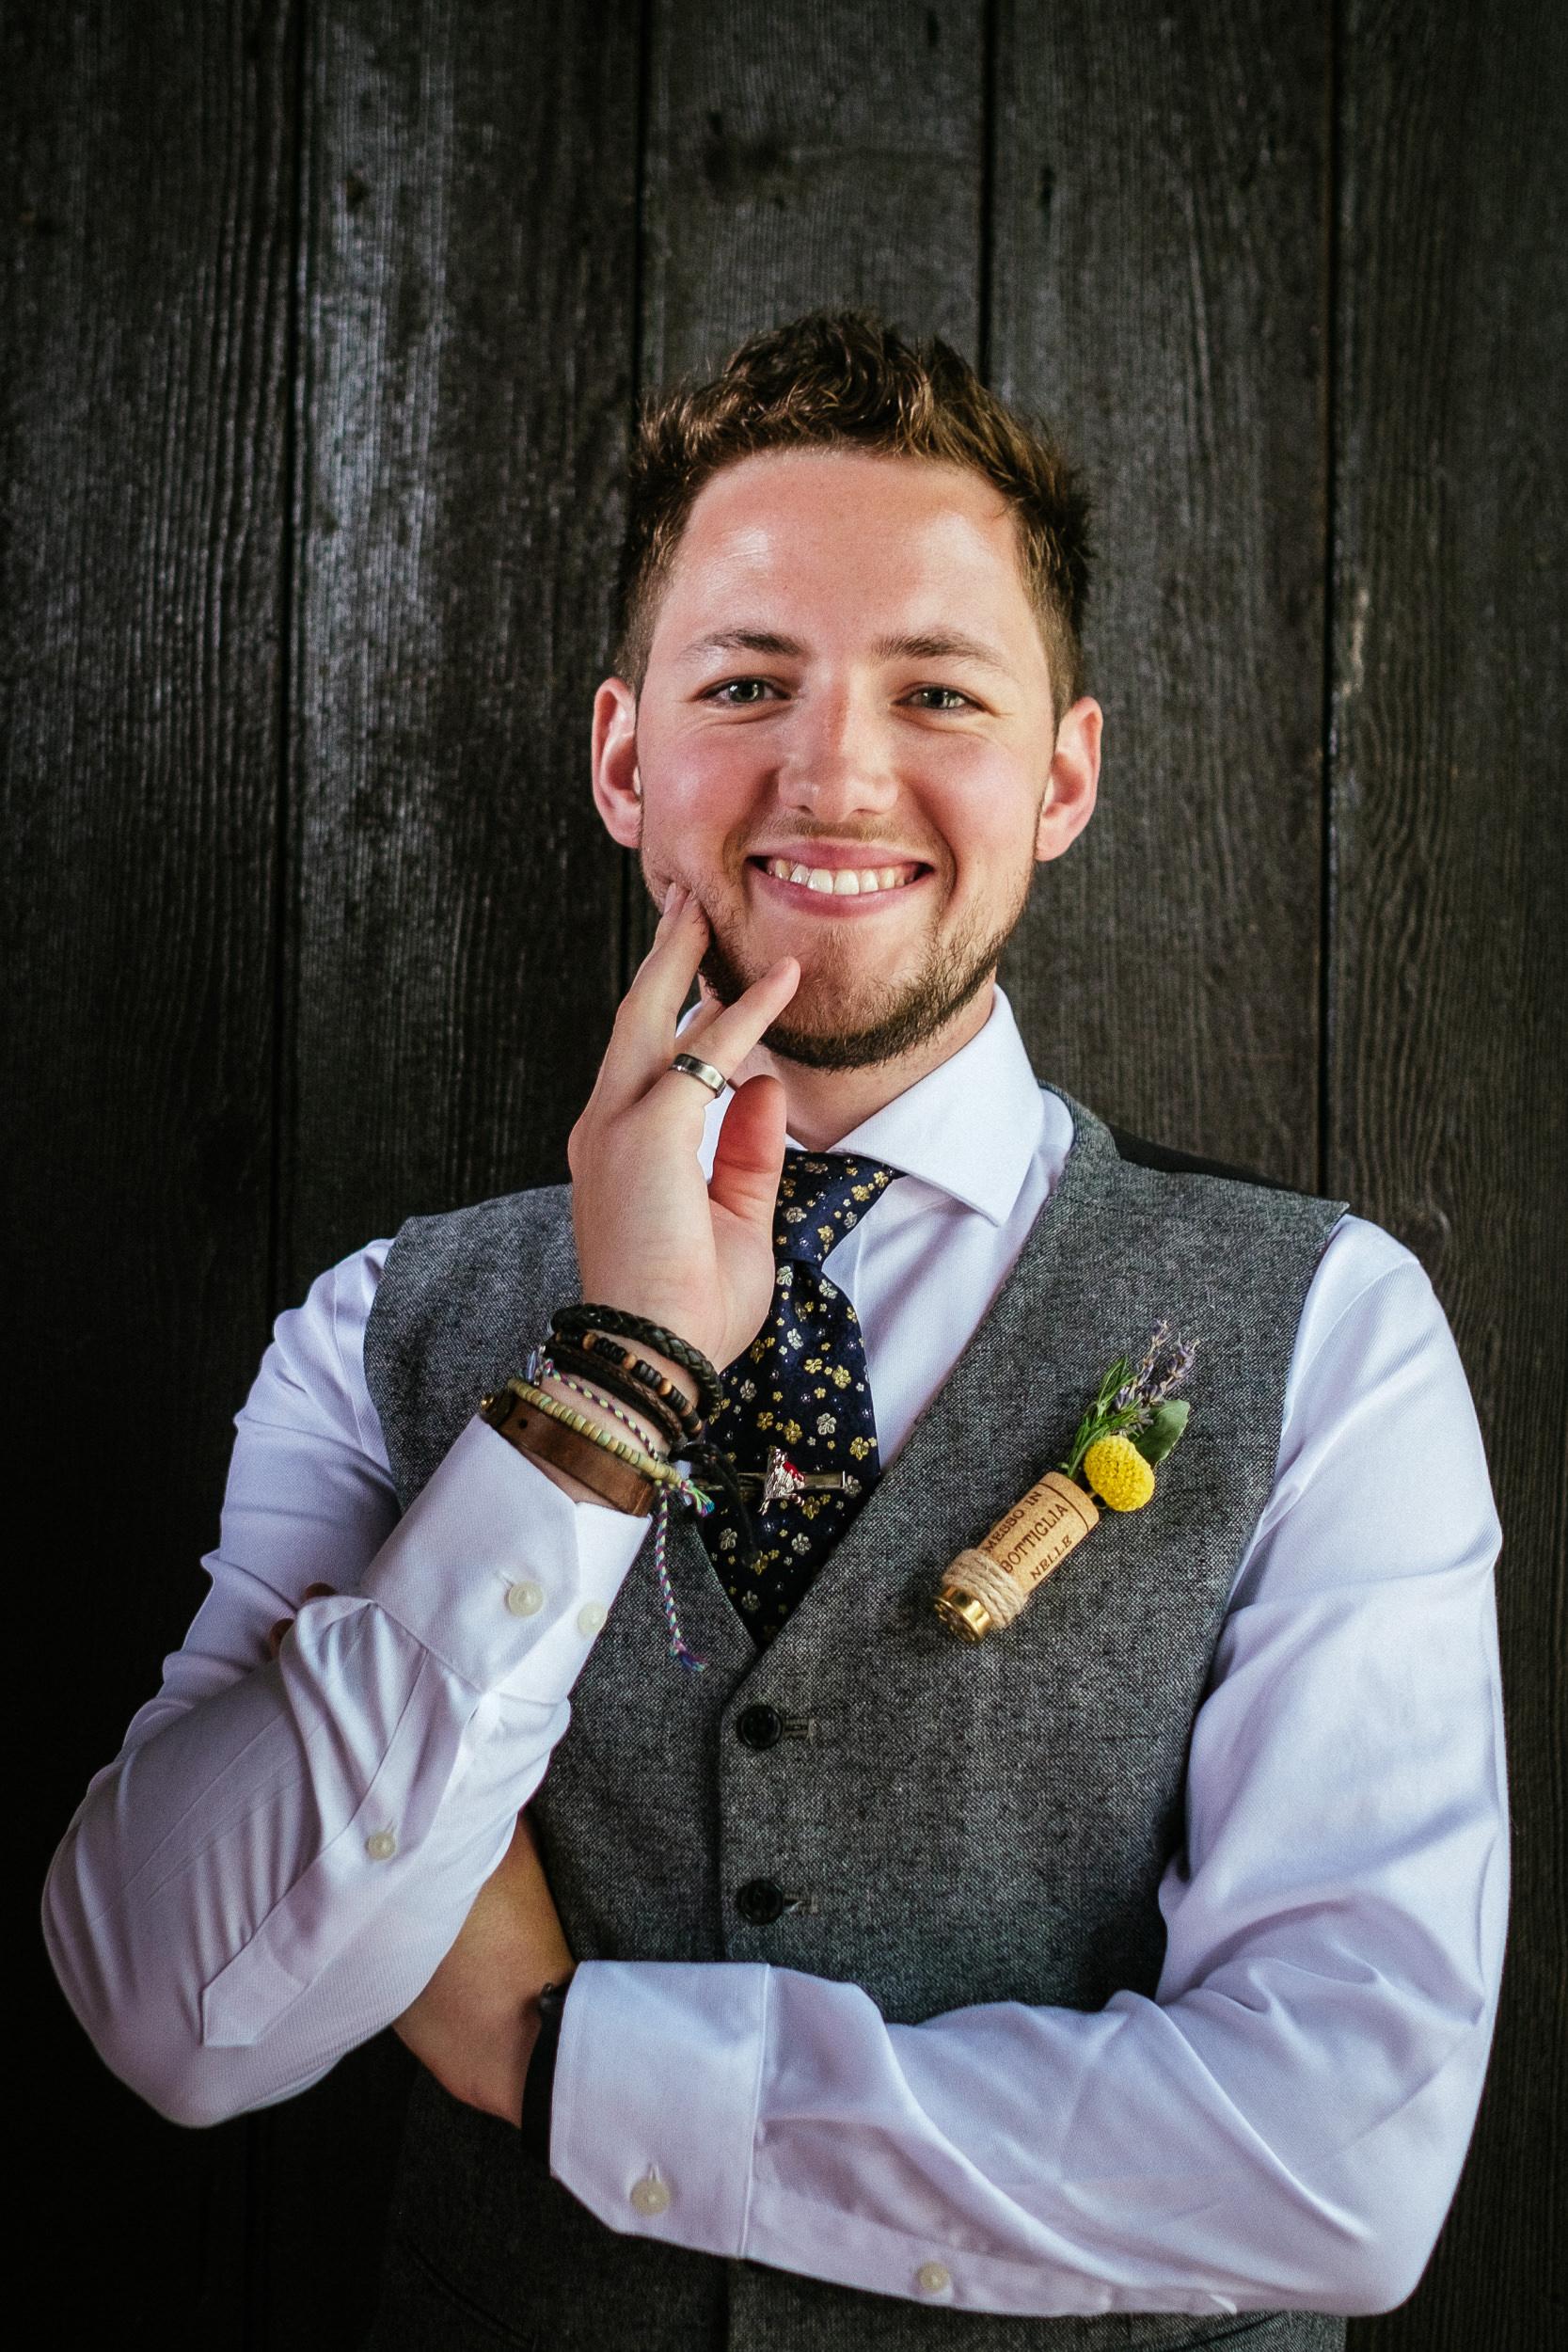 groomsman smiling at camera